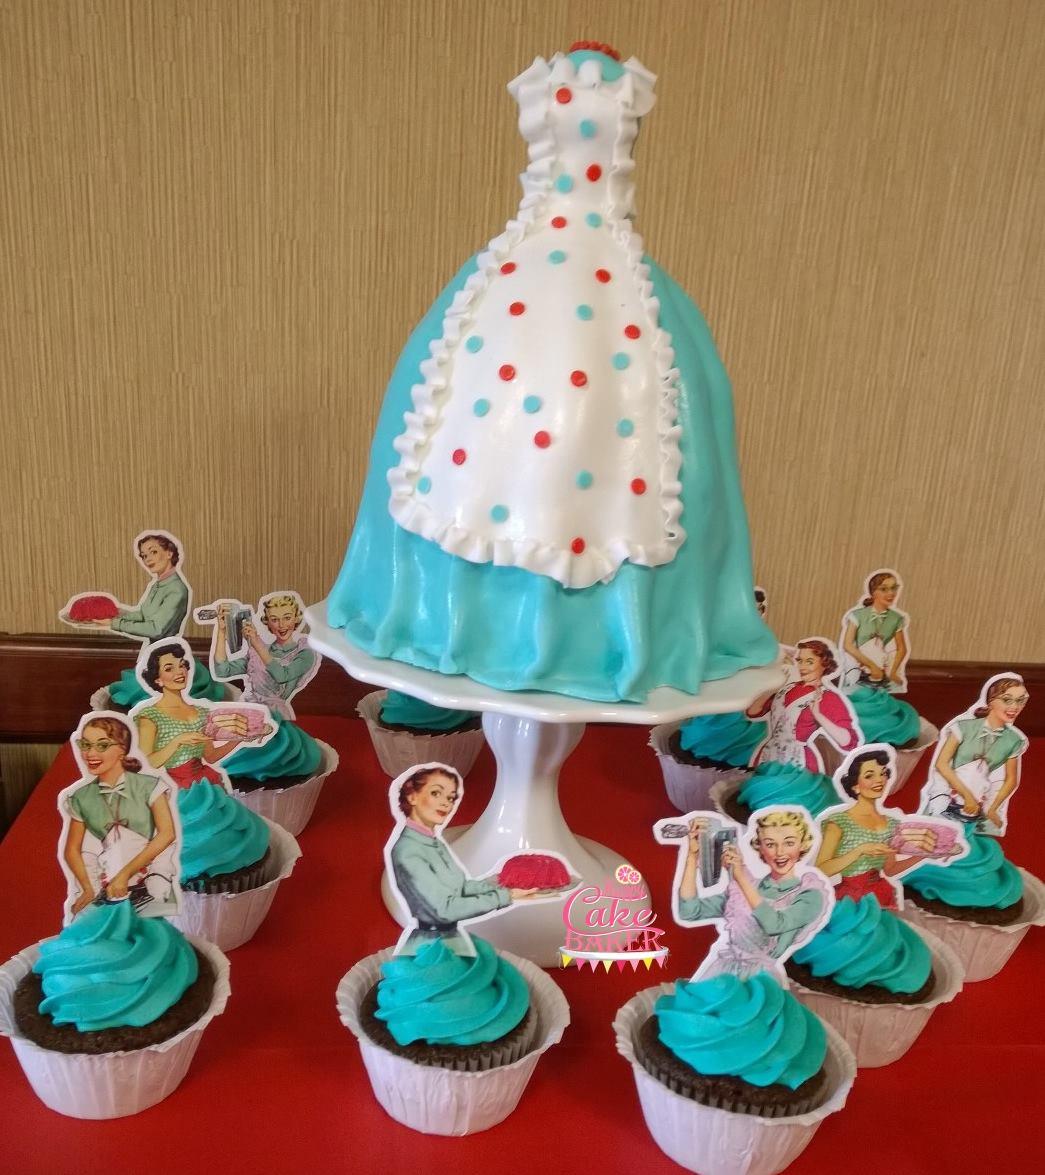 vintage bridal shower cake 10914719_1593270834239018_6458072862489611031_o